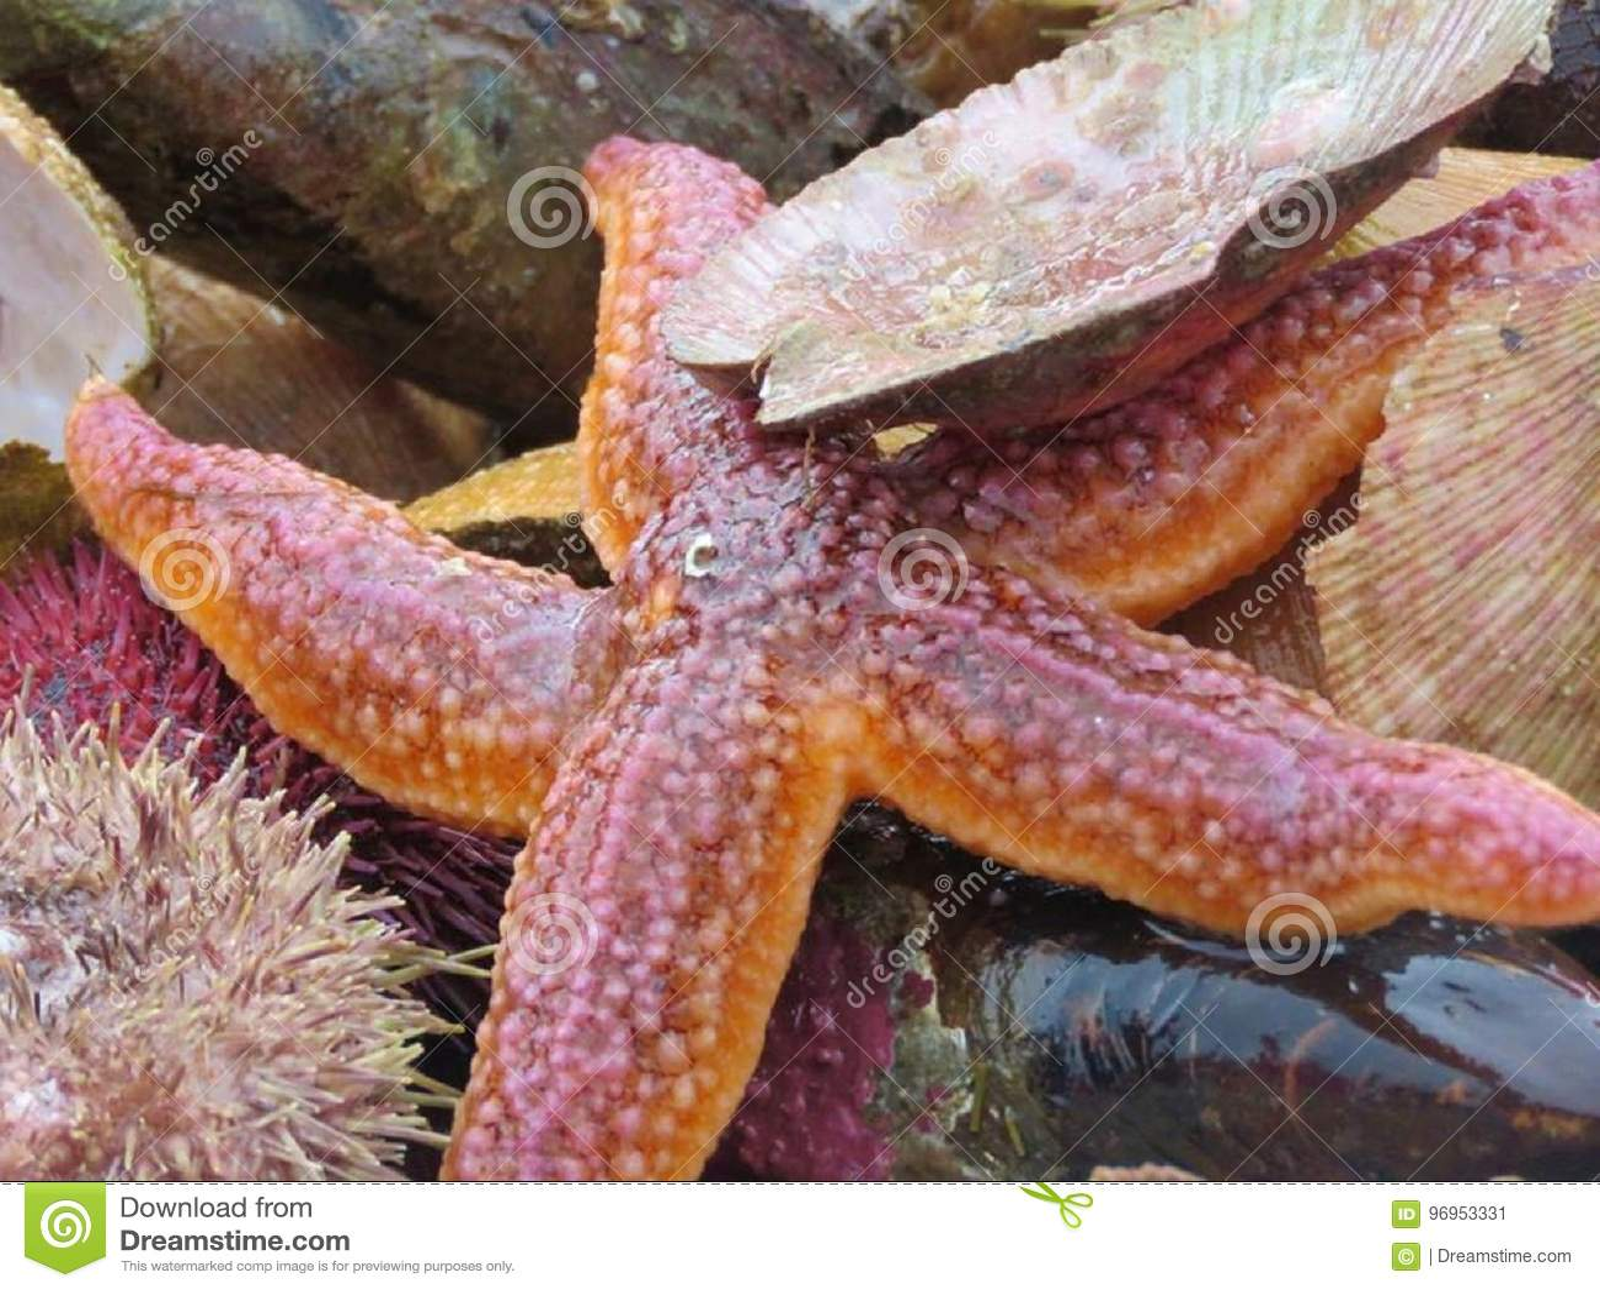 Starfish and sealife